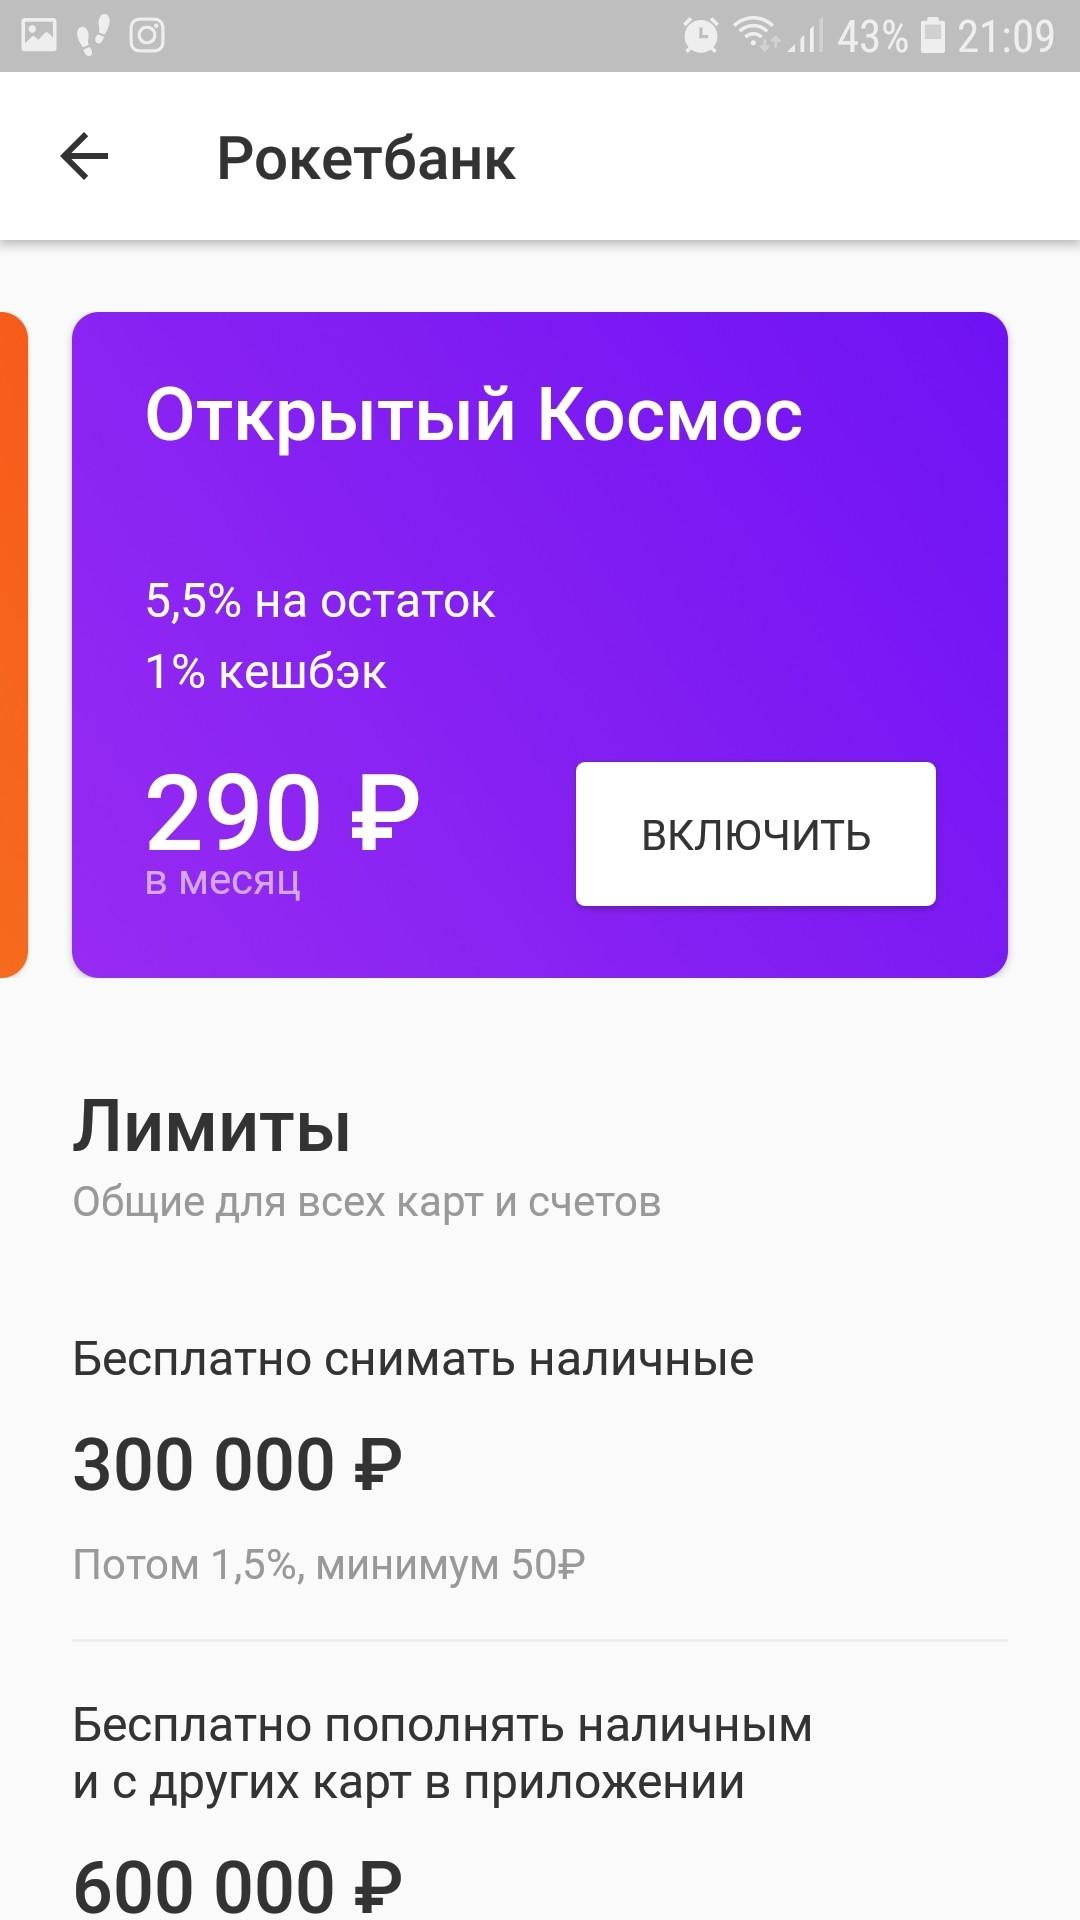 """Новый тариф """"Открытый космос"""" от Рокетбанка"""